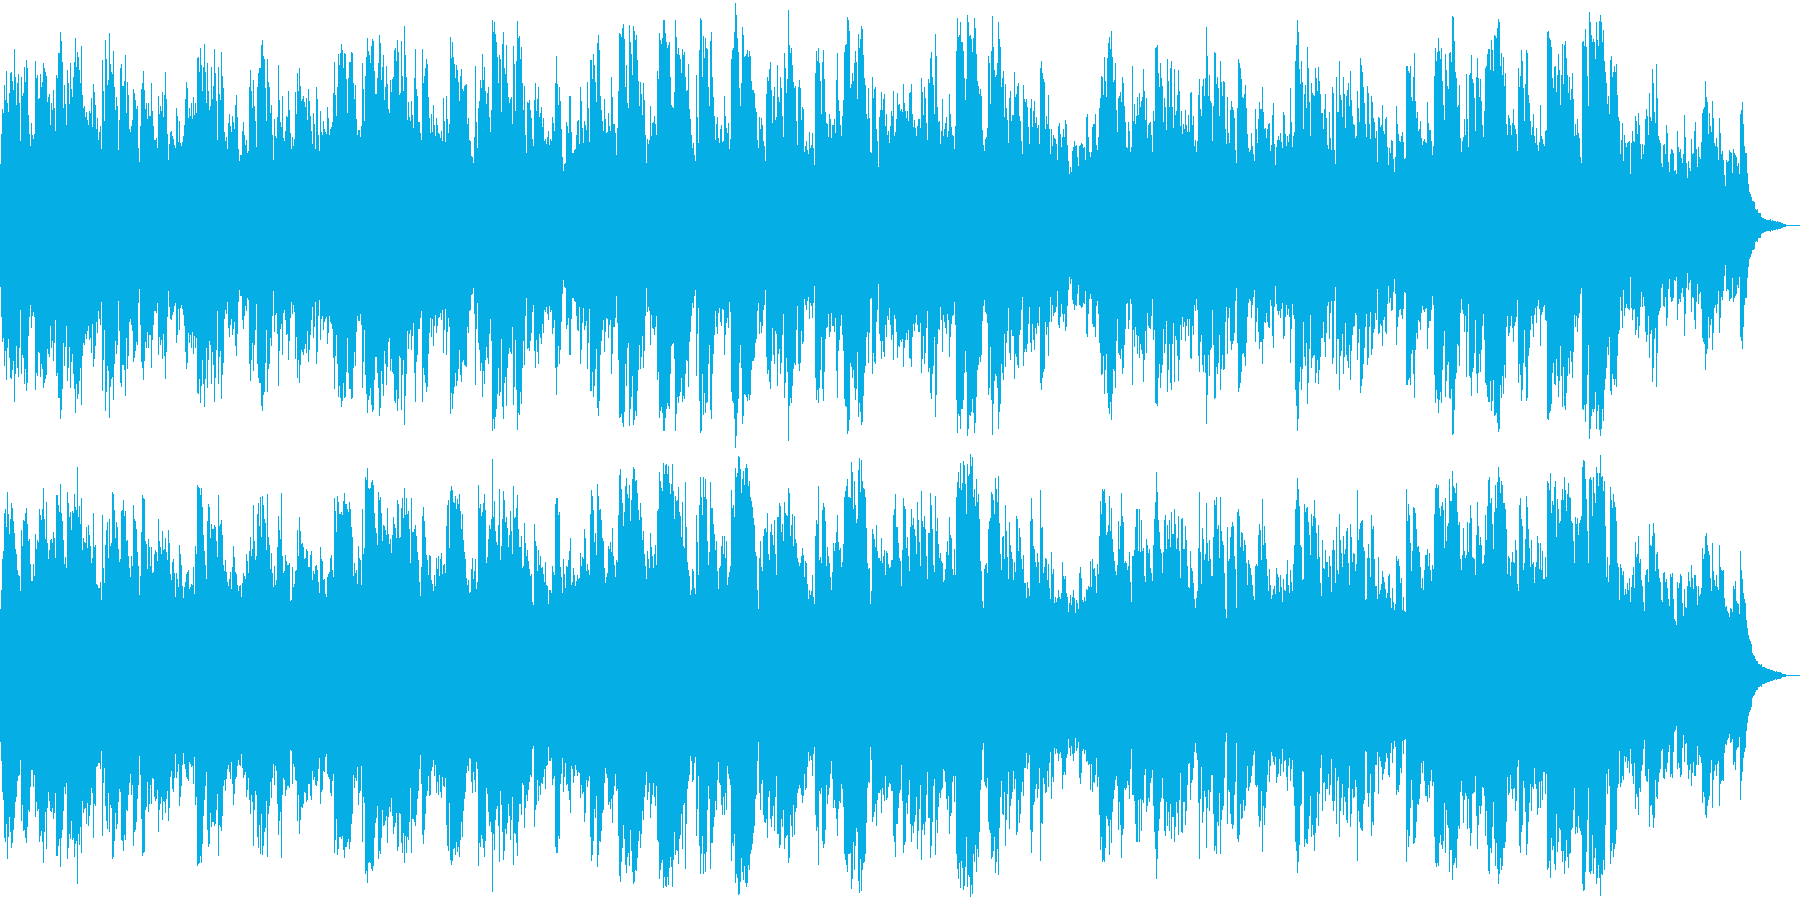 メロディアスなピアノ曲の再生済みの波形